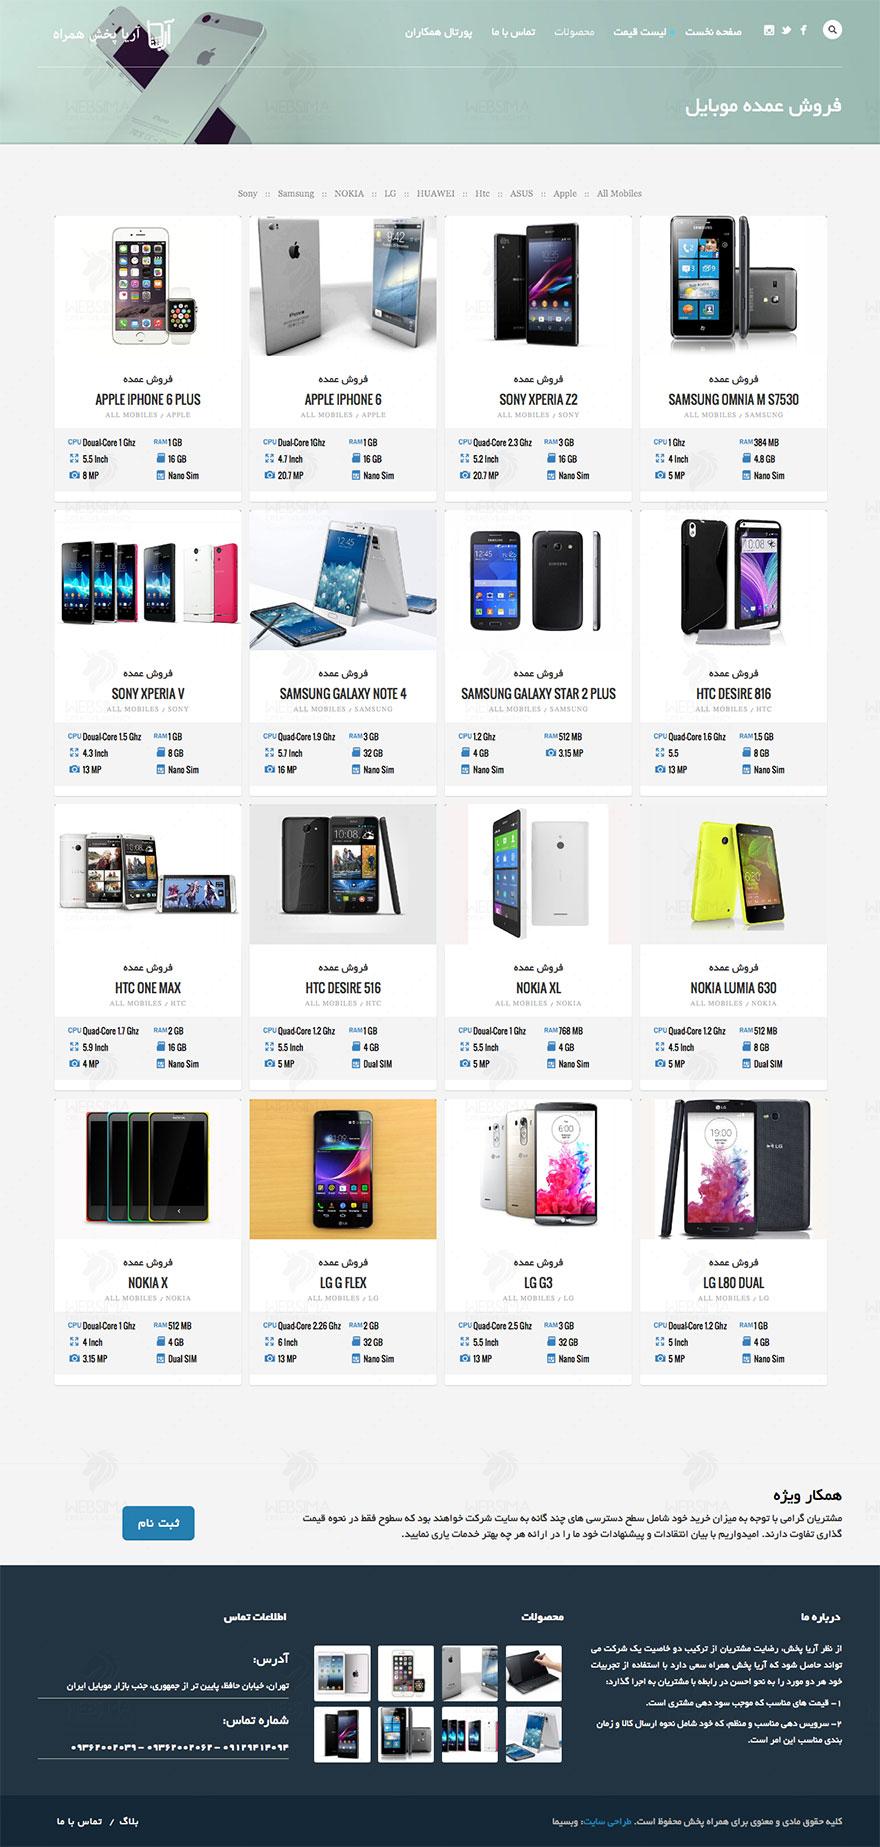 صفحه محصولات در طراحی سایت فروشگاه موبایل